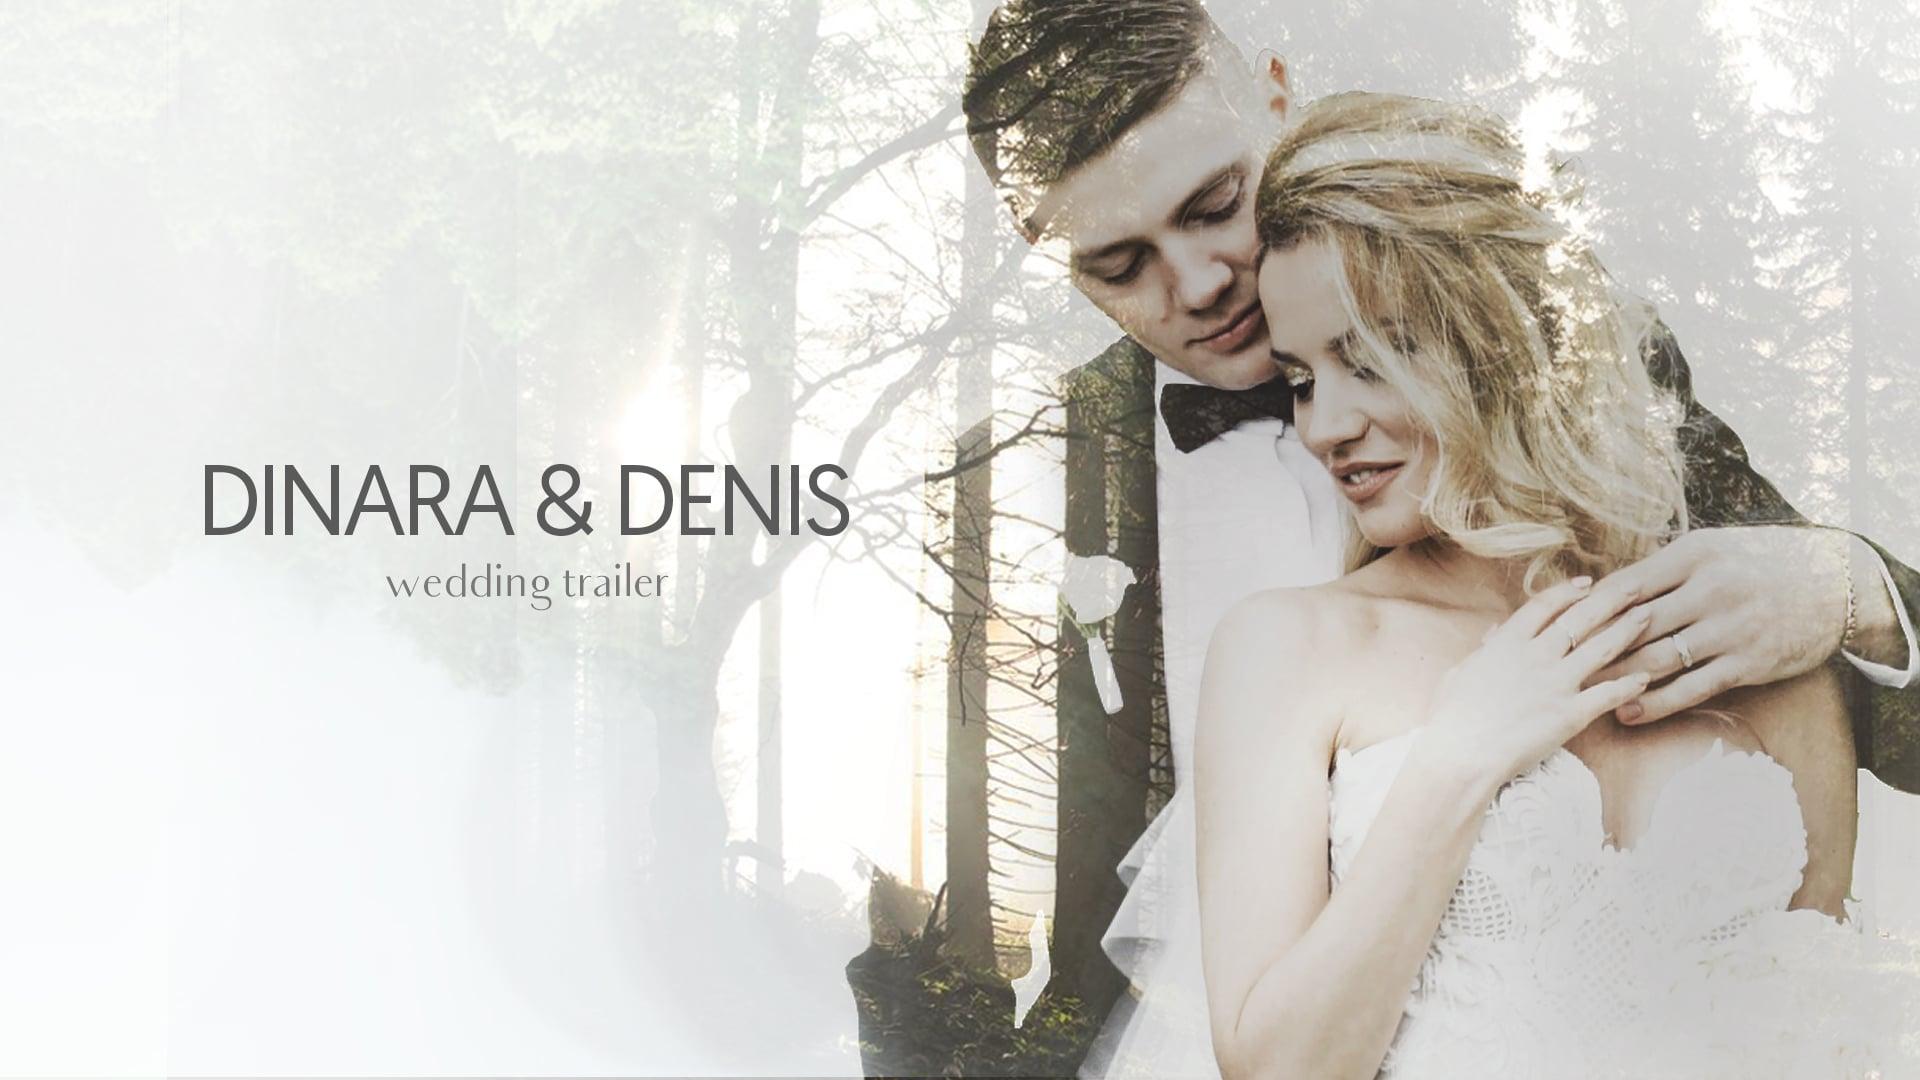 Dinara & Denis - Wedding Trailer [Moscow-Russia]